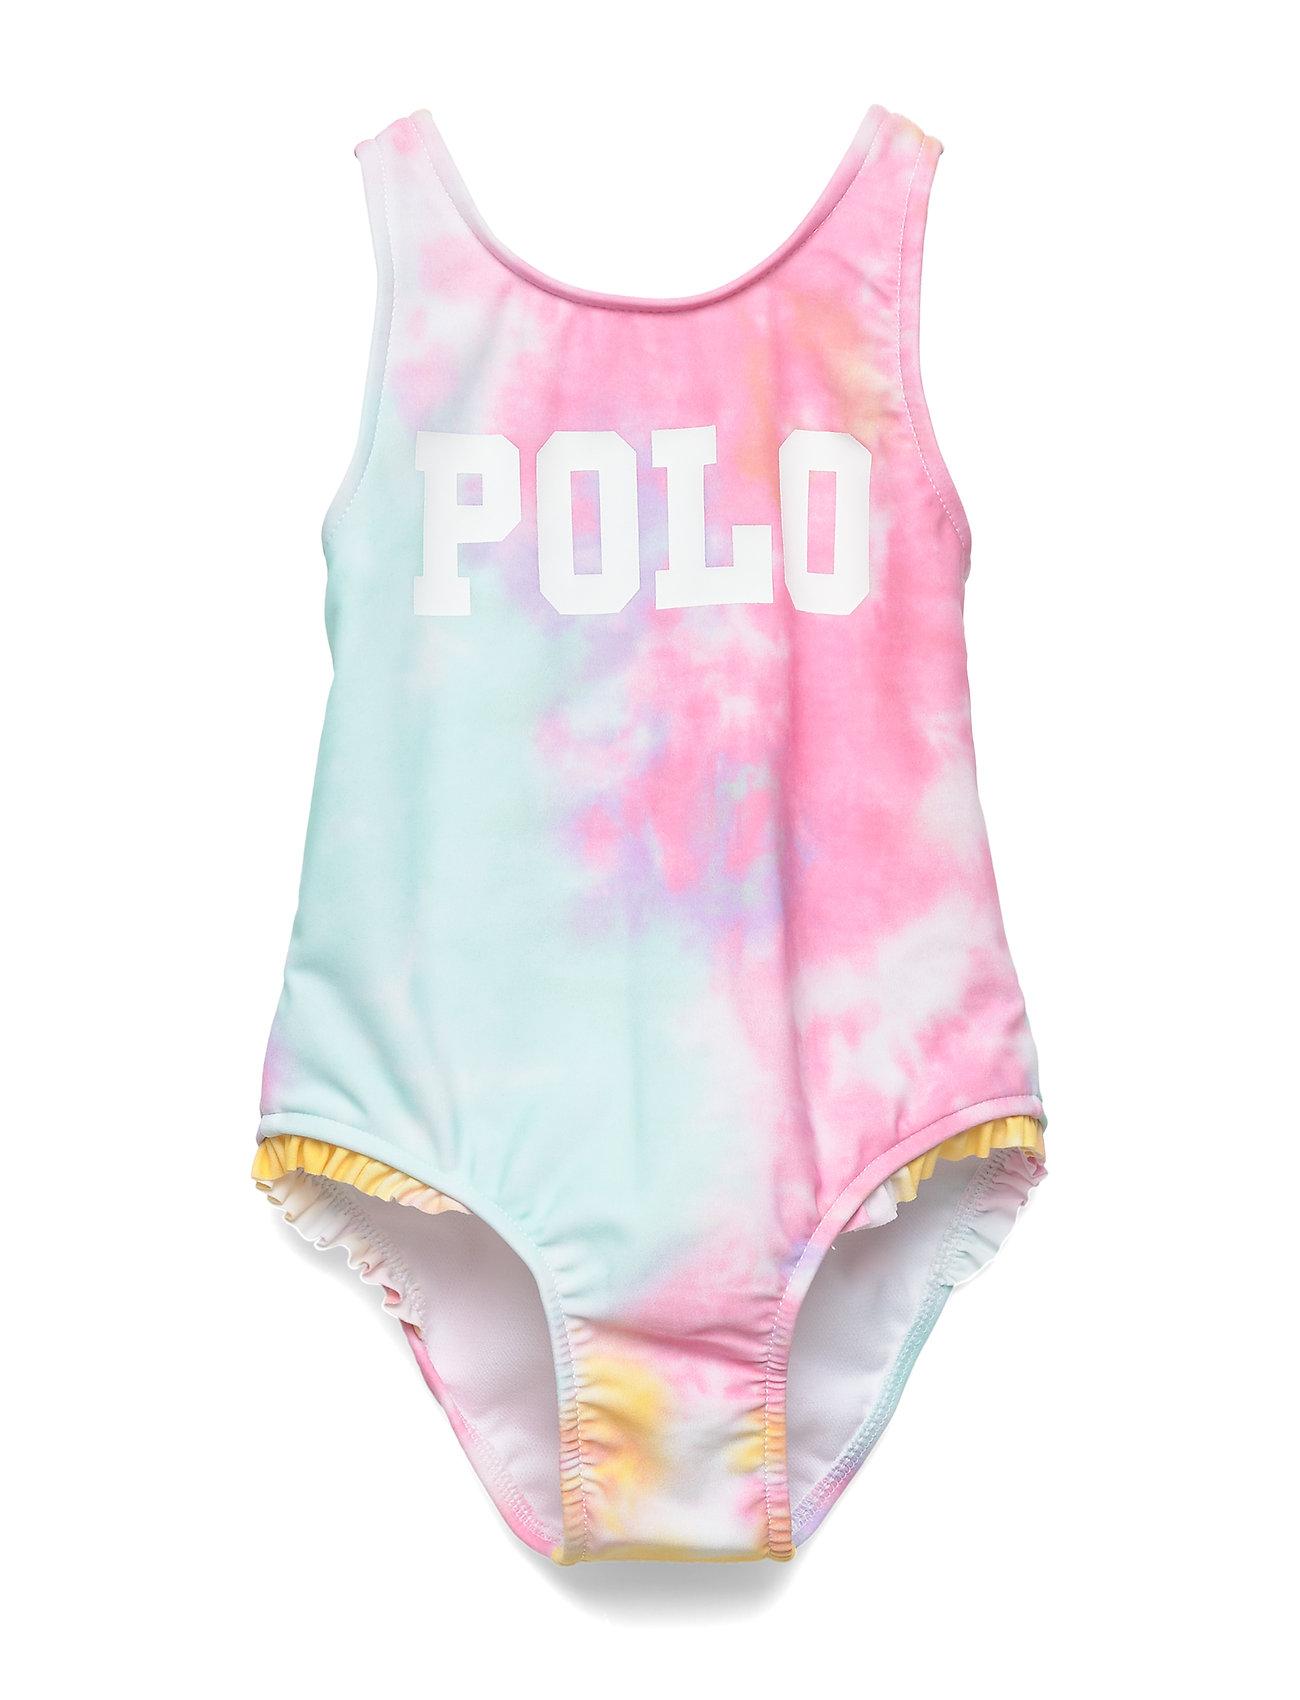 Ralph Lauren Baby Tie-Dyed One-Piece Swimsuit - TIE DYE